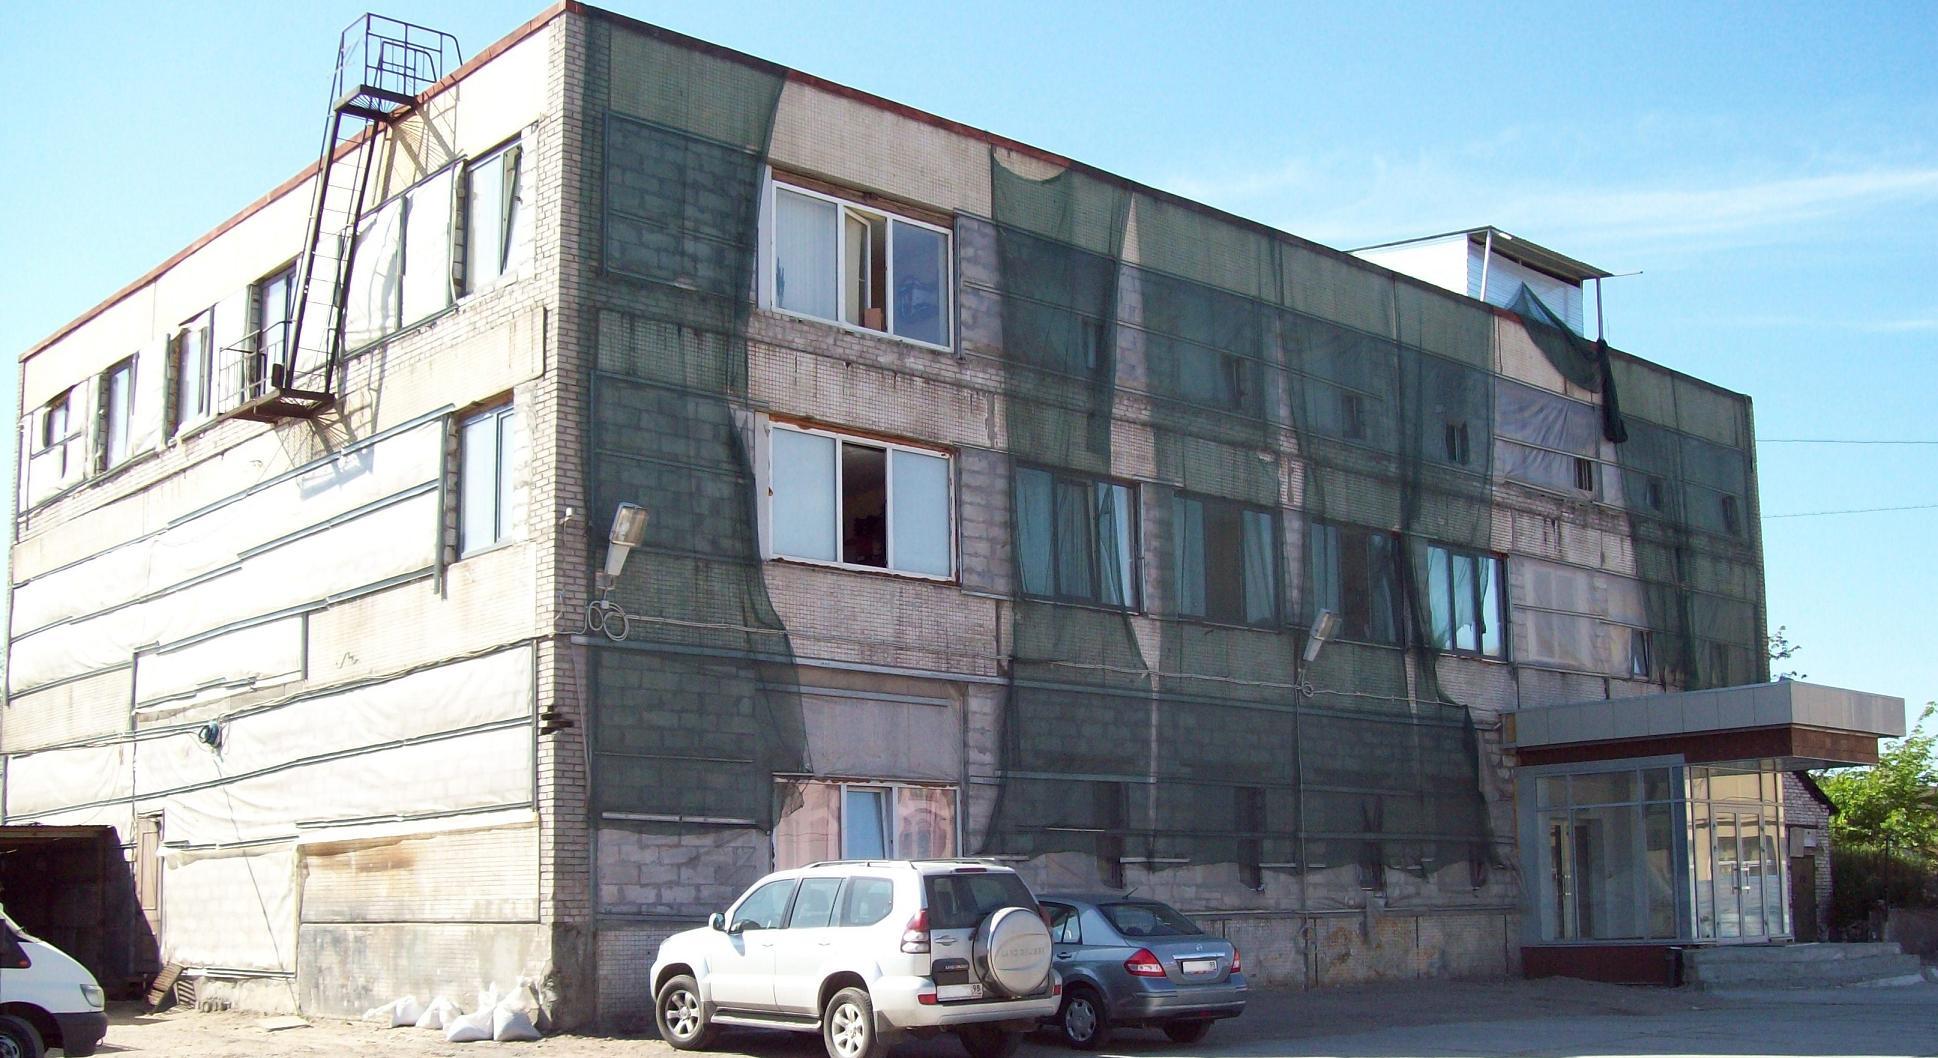 Навесные вентилируемые фасады, вентилируемые фасады, навесные фасады, материалы для облицовки фасадов, алюминиевые композитные панели, сэндвич-панели, профлист с обрешеткой, витражи, подсистема для фасадов, фасадные системы